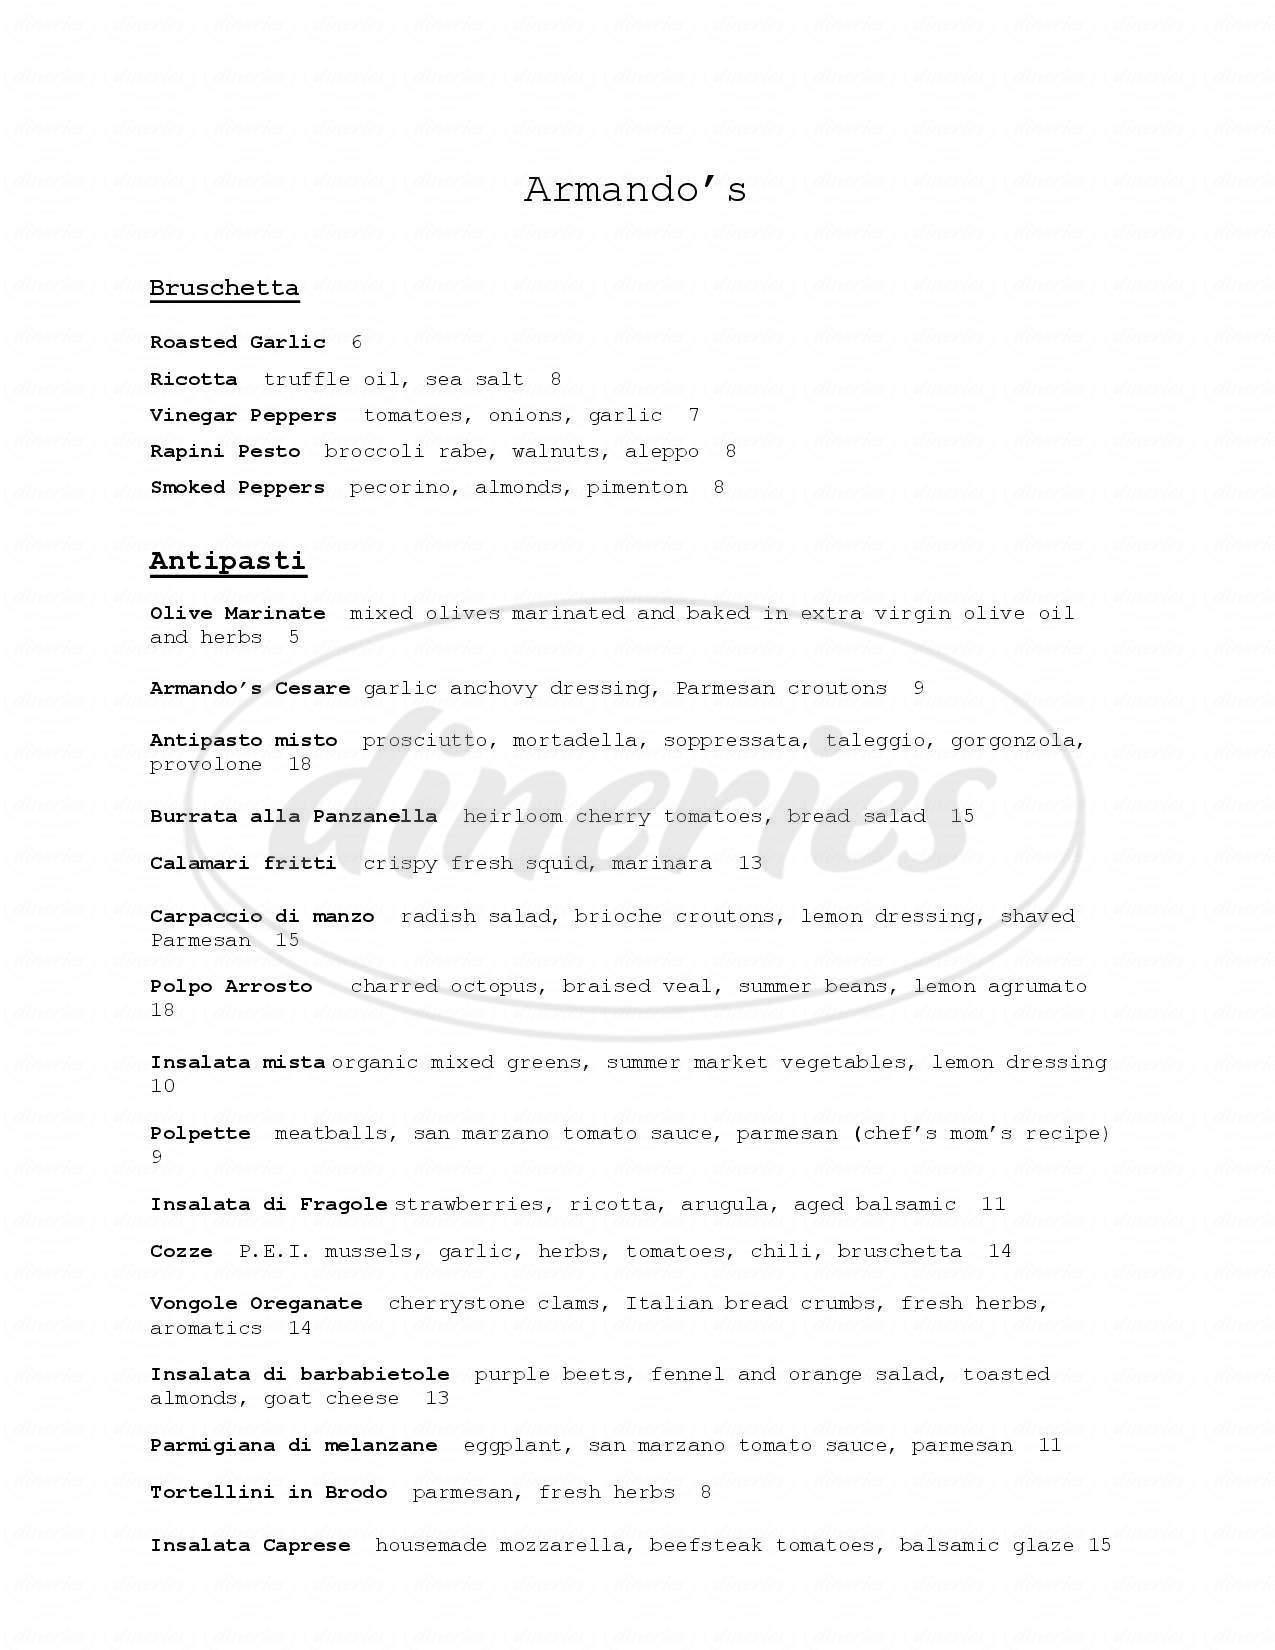 menu for Armando's